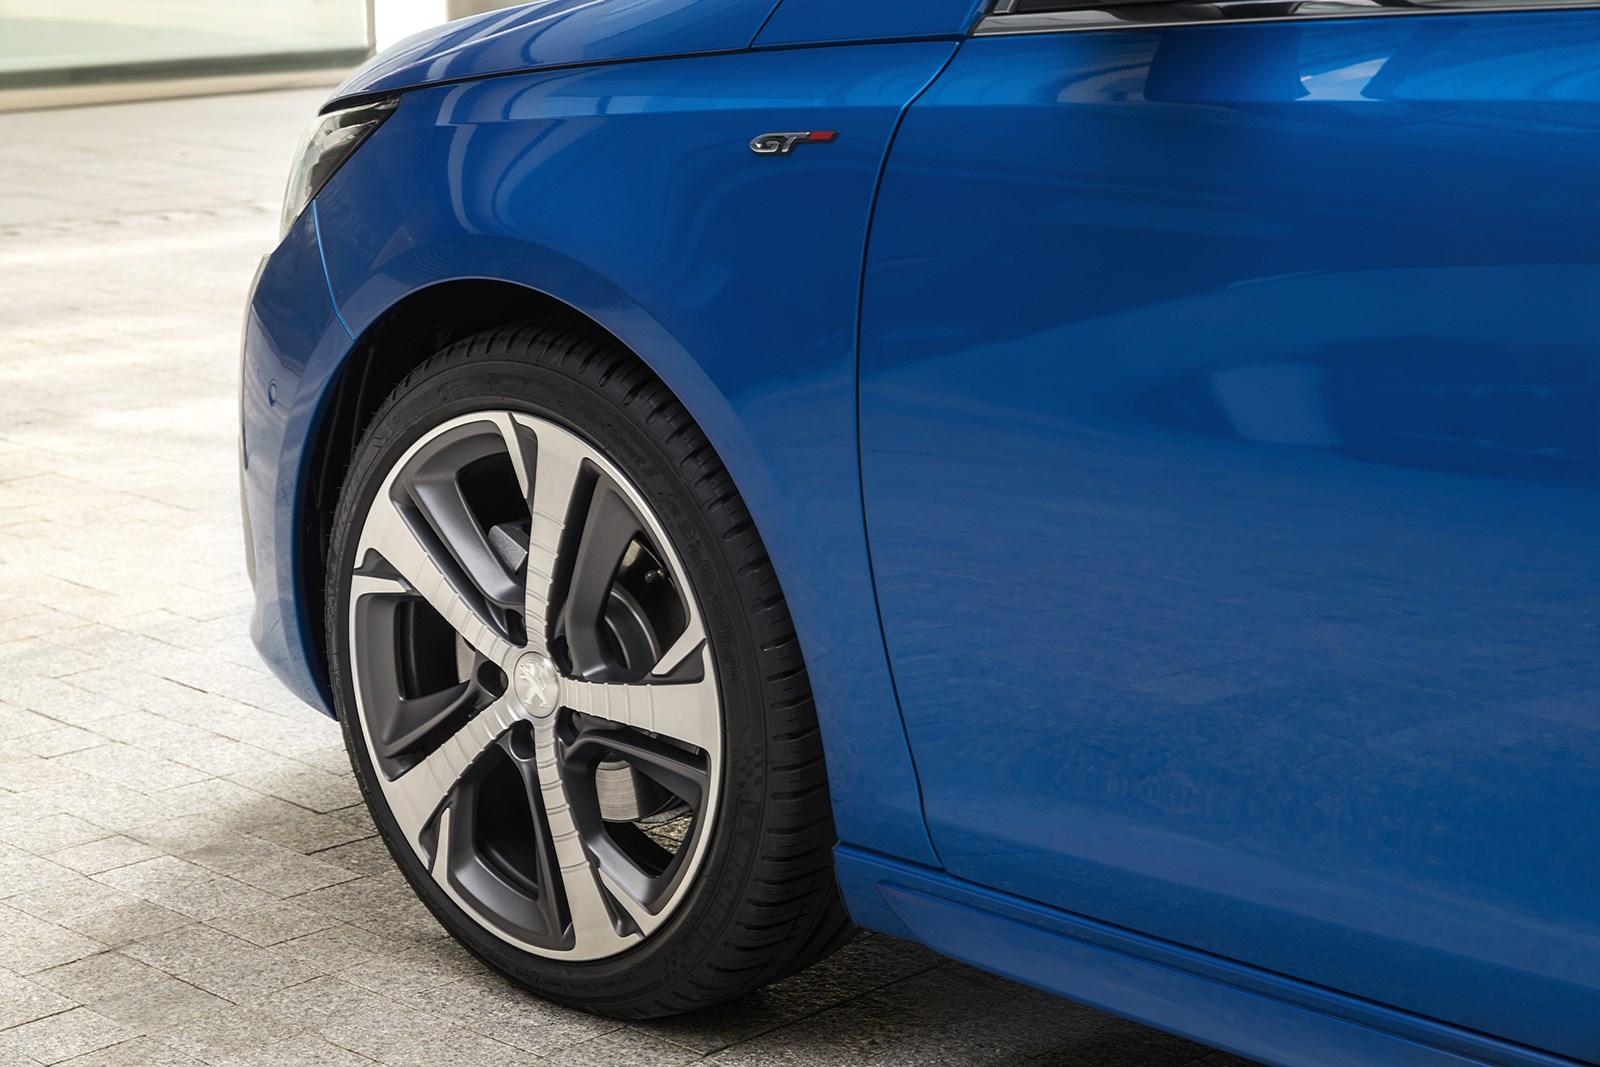 プジョー、308を本国でマイナーチェンジ デザインを部分変更&装備を充実